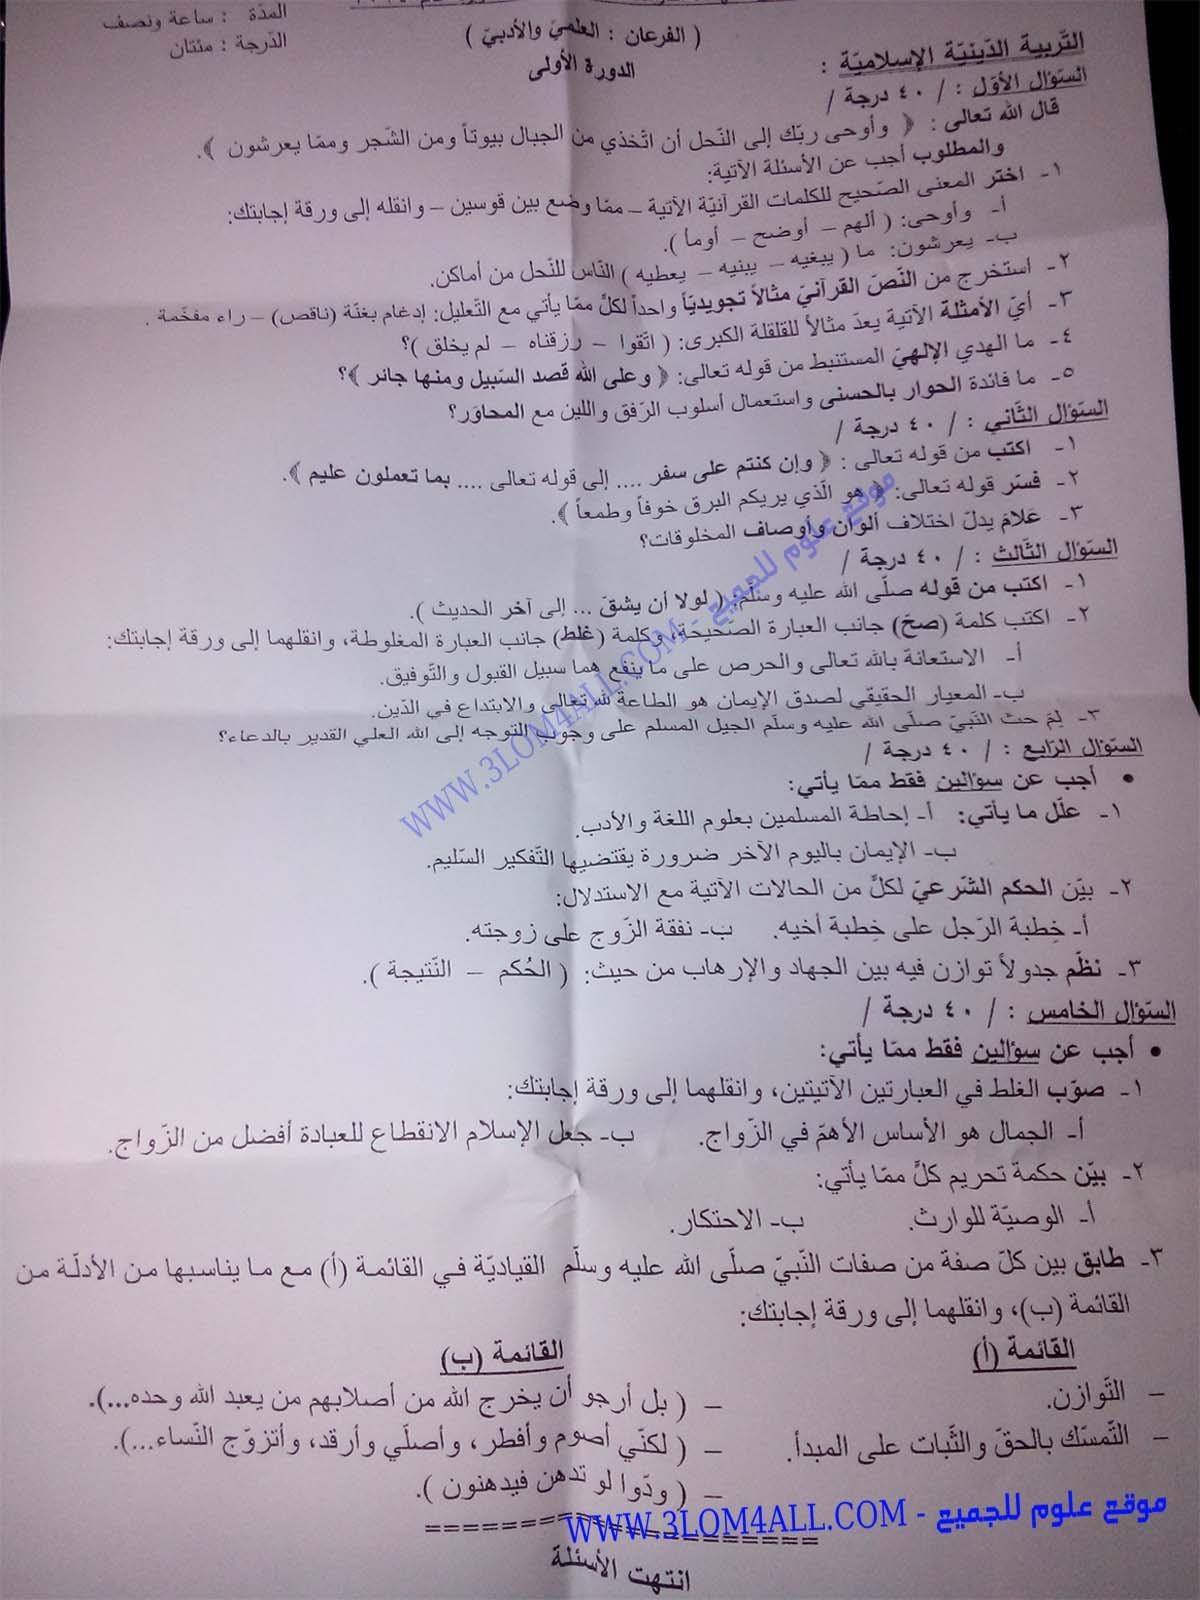 اسئلة امتحان مادة التربية الإسلامية  الديانة بكالوريا سوريا الفرع العلمي والأدبي 1463474676981.jpg